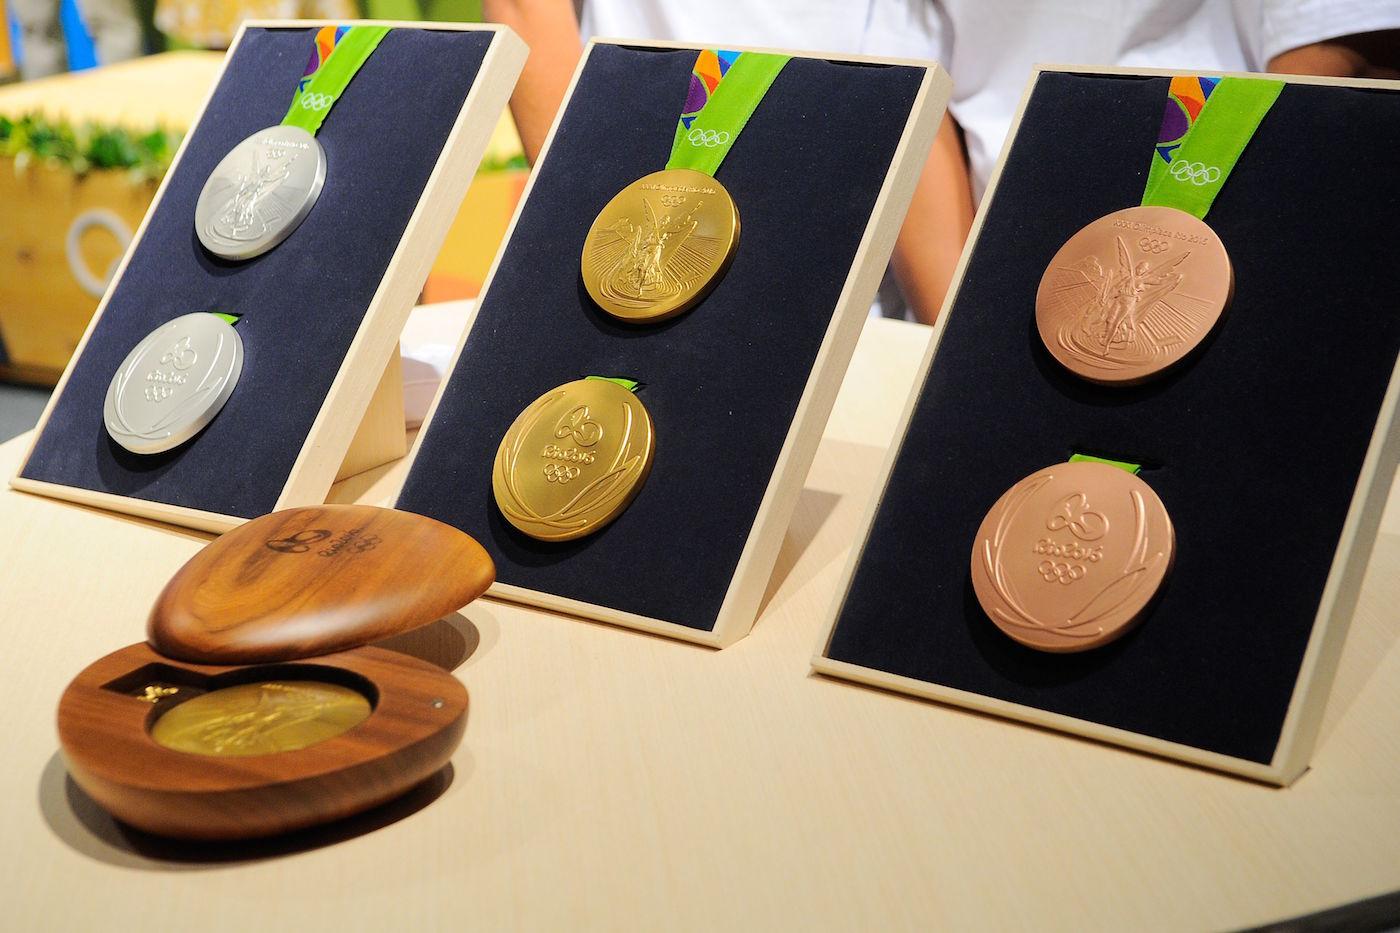 The Rio 2016 Olympic medals (photo by Tomaz Silva/Agência Brasil, via Wikimedia)